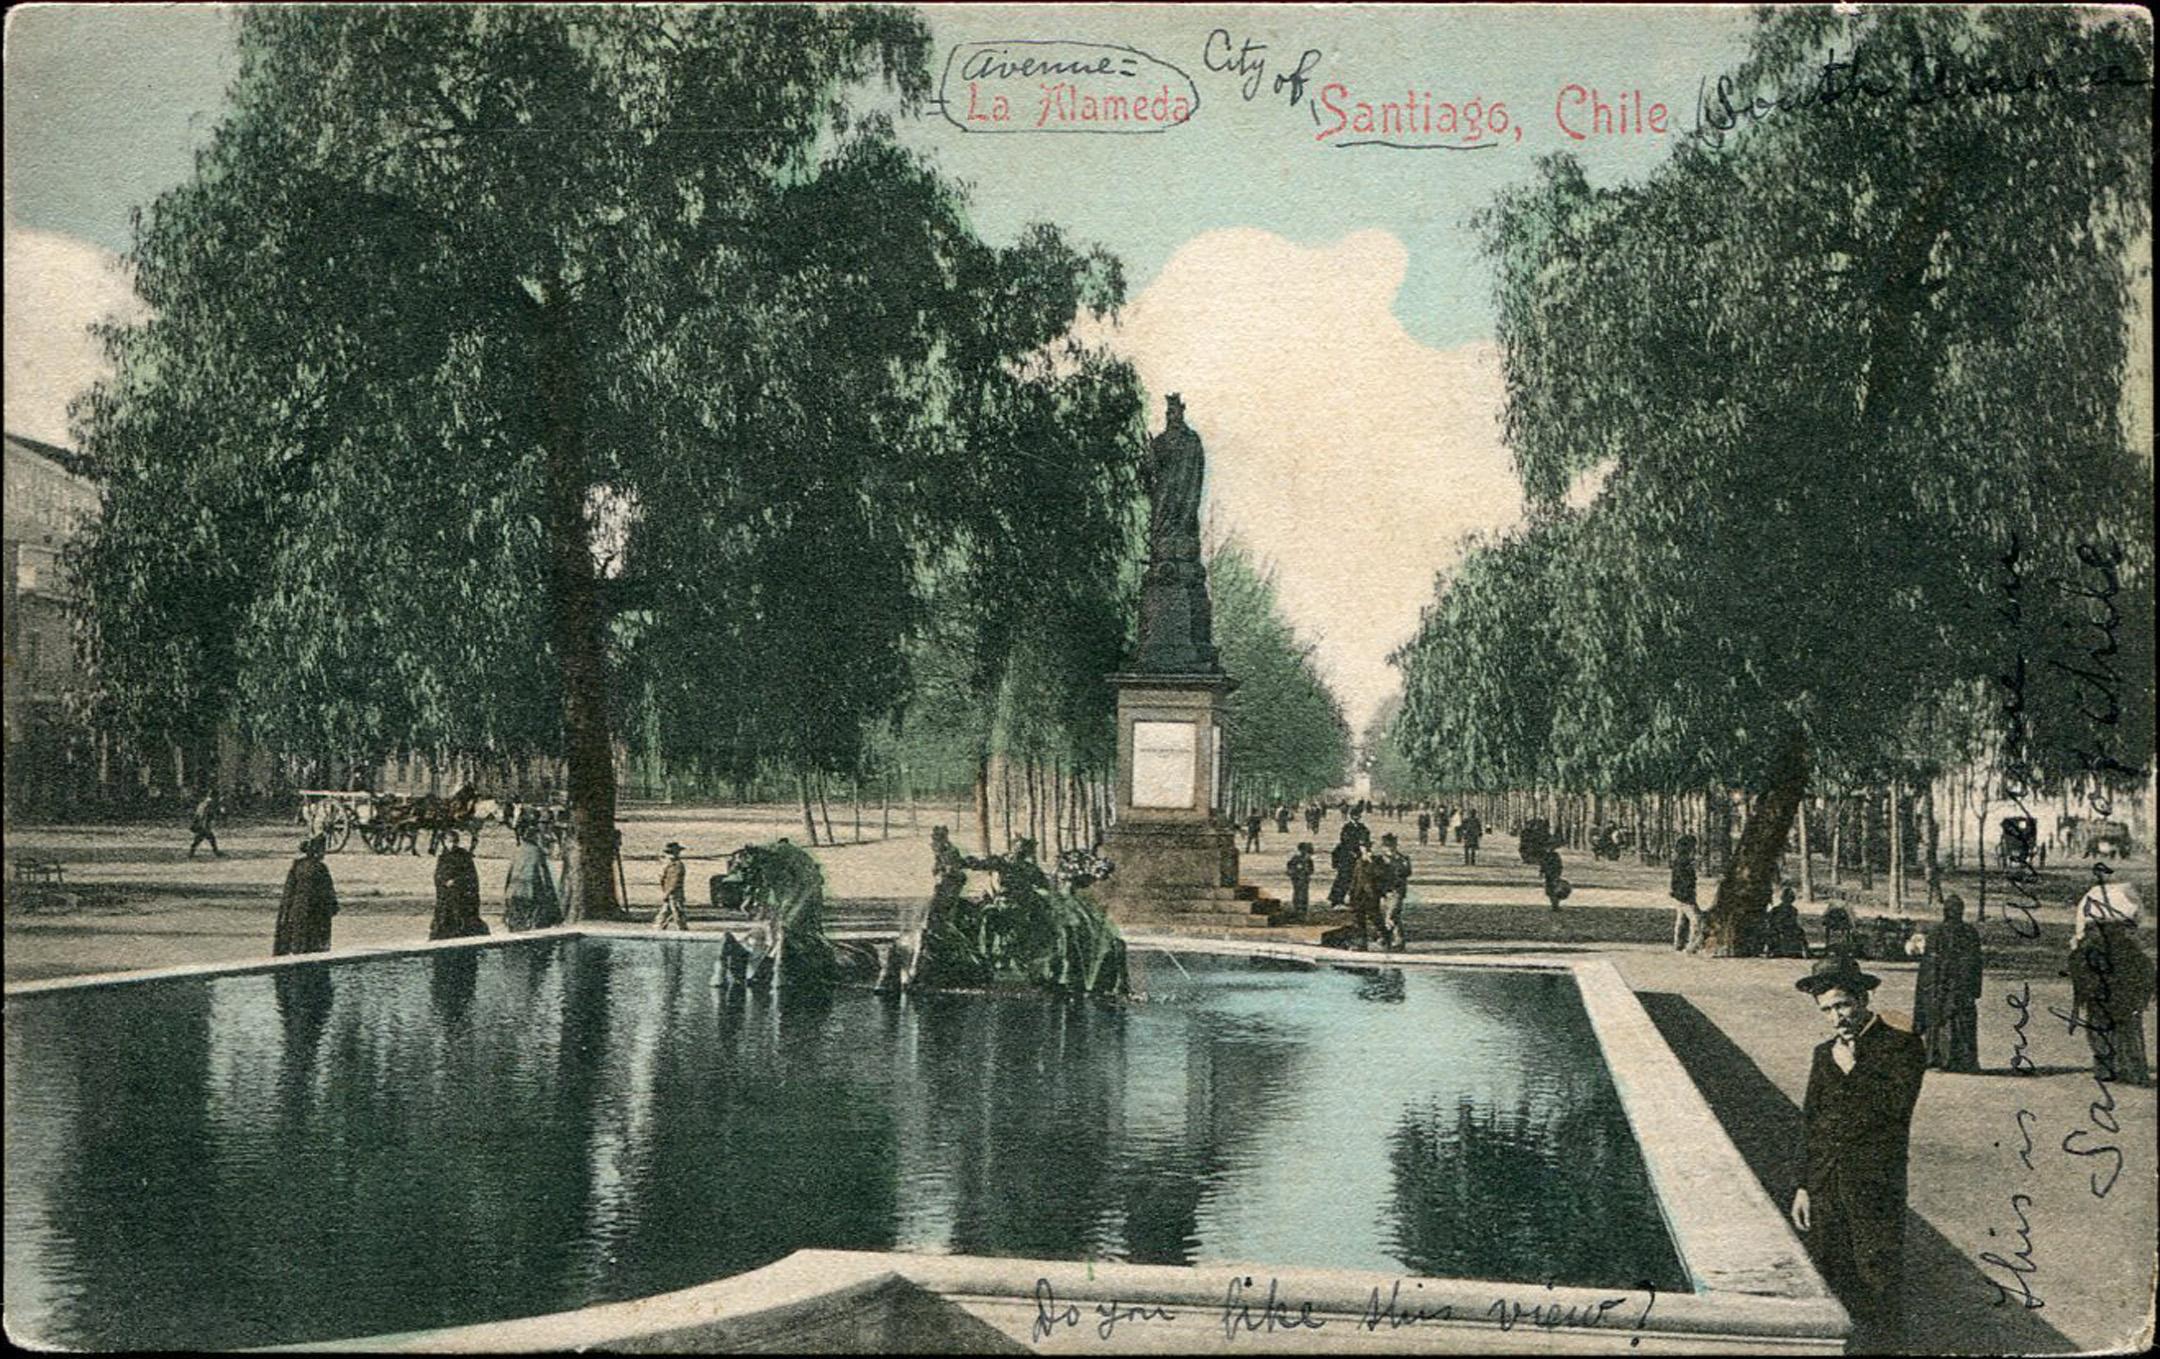 Enterreno - Fotos históricas de chile - fotos antiguas de Chile - Fuente de Neptuno en La Alameda de Santiago, 1900